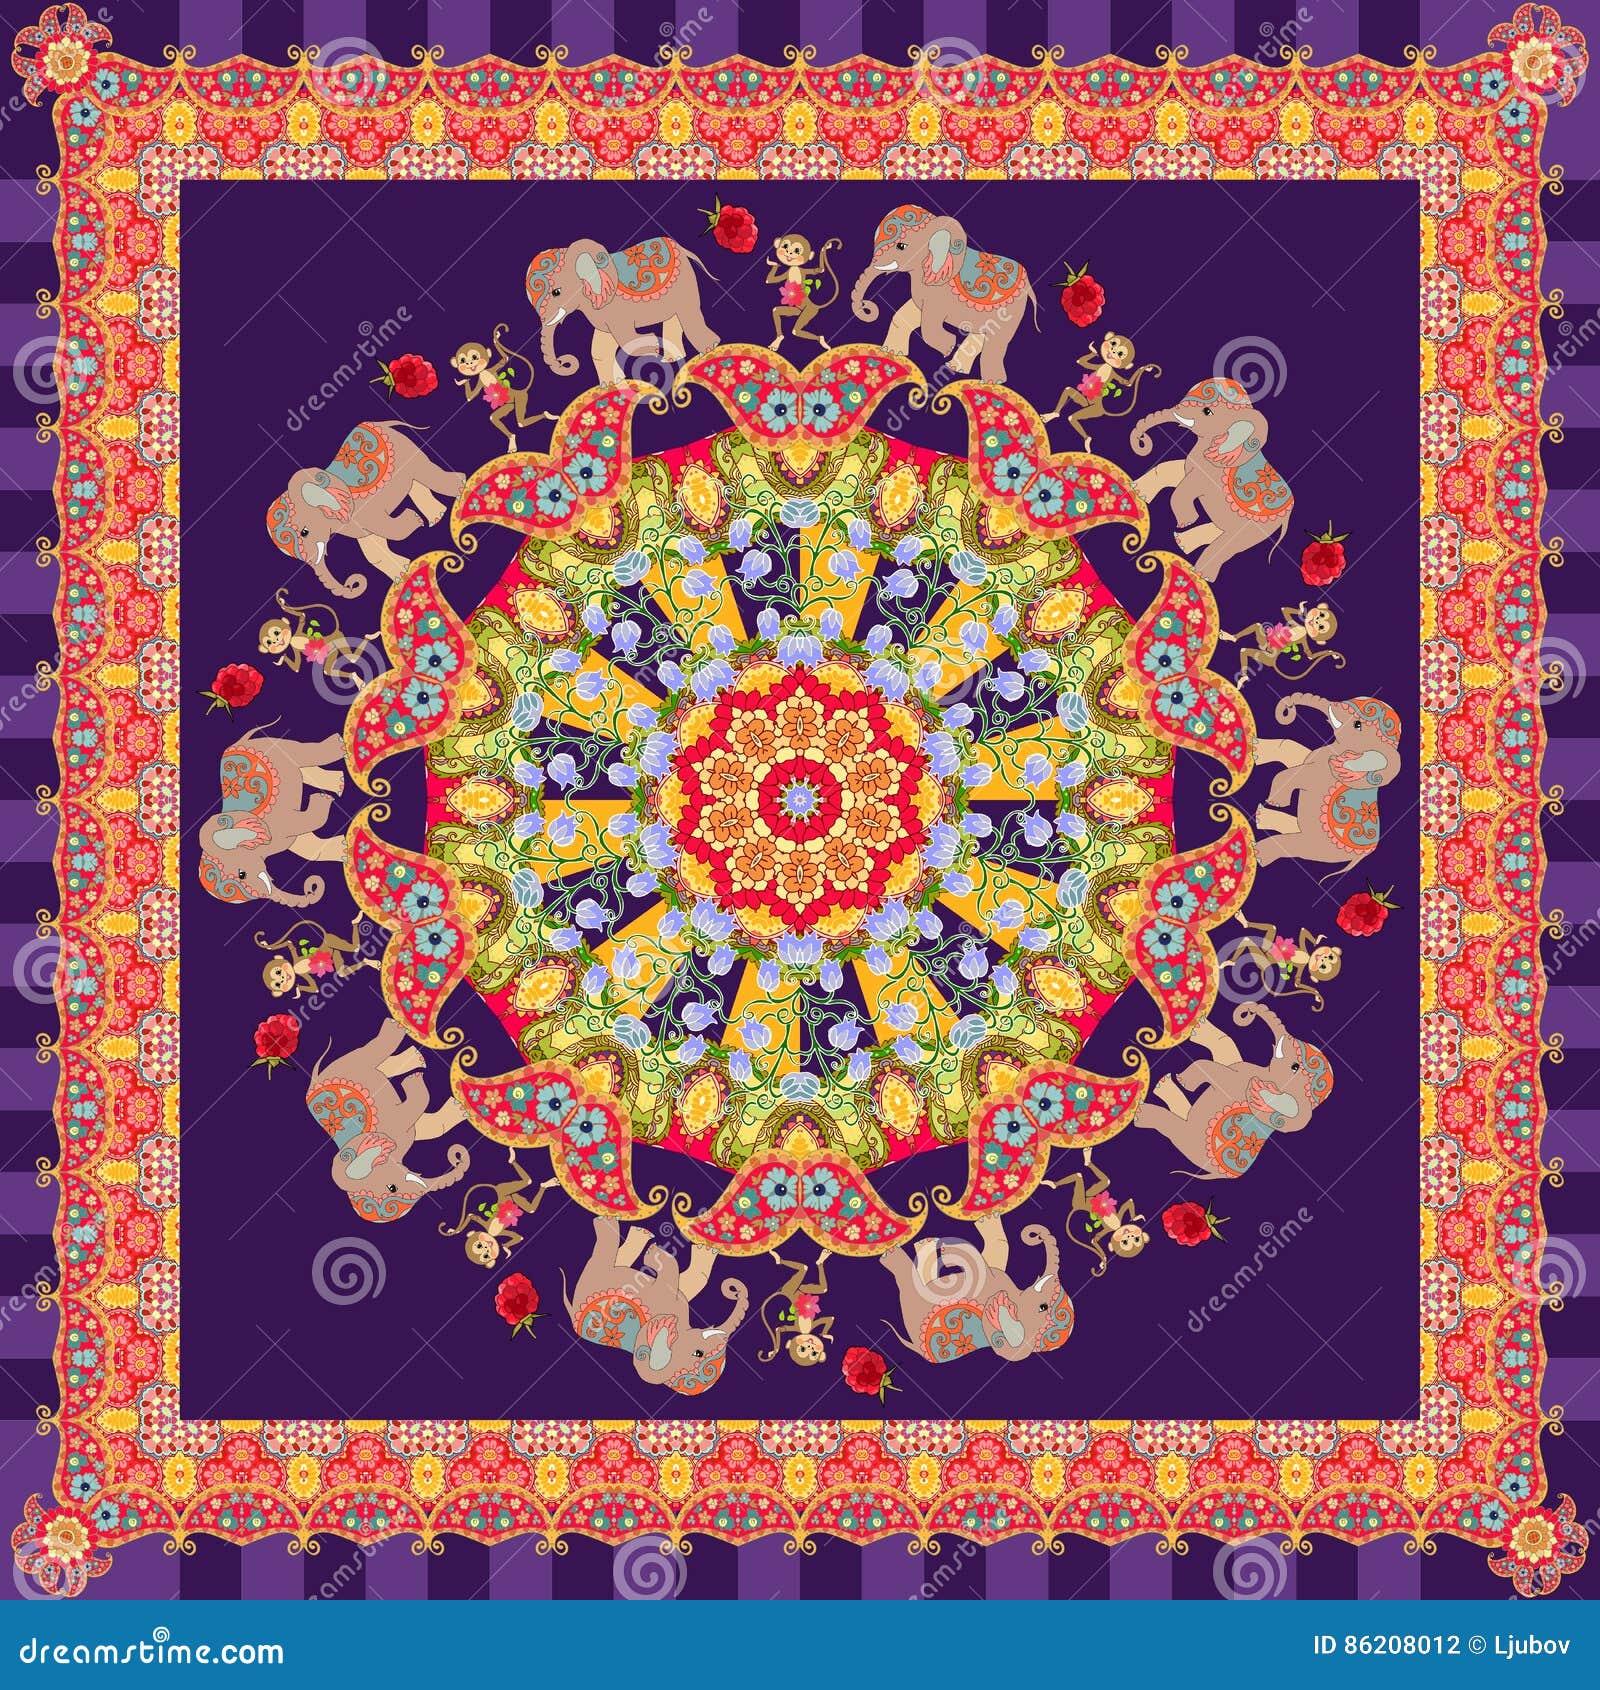 codici promozionali prezzo all'ingrosso lotta Bello Scialle Con Il Fiore - Mandala, Elefanti Svegli Del Fumetto ...